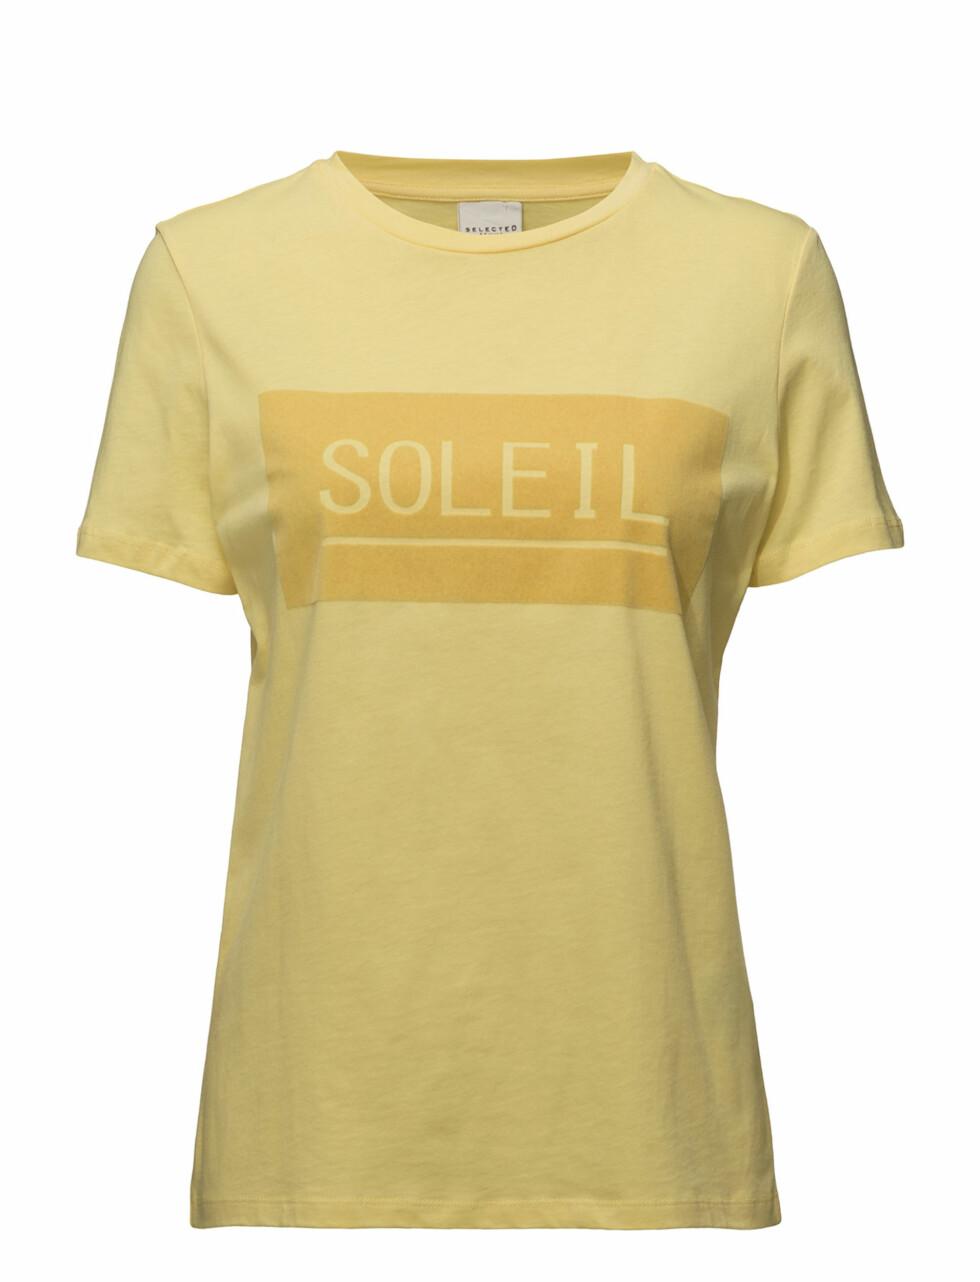 T-skjorte fra Selected Femme  299,-  https://www.boozt.com/se/sv/selected-femme/sfsoleil-ss-tee-ka_16727443/16727445?navId=67378&group=listing&position=1000000